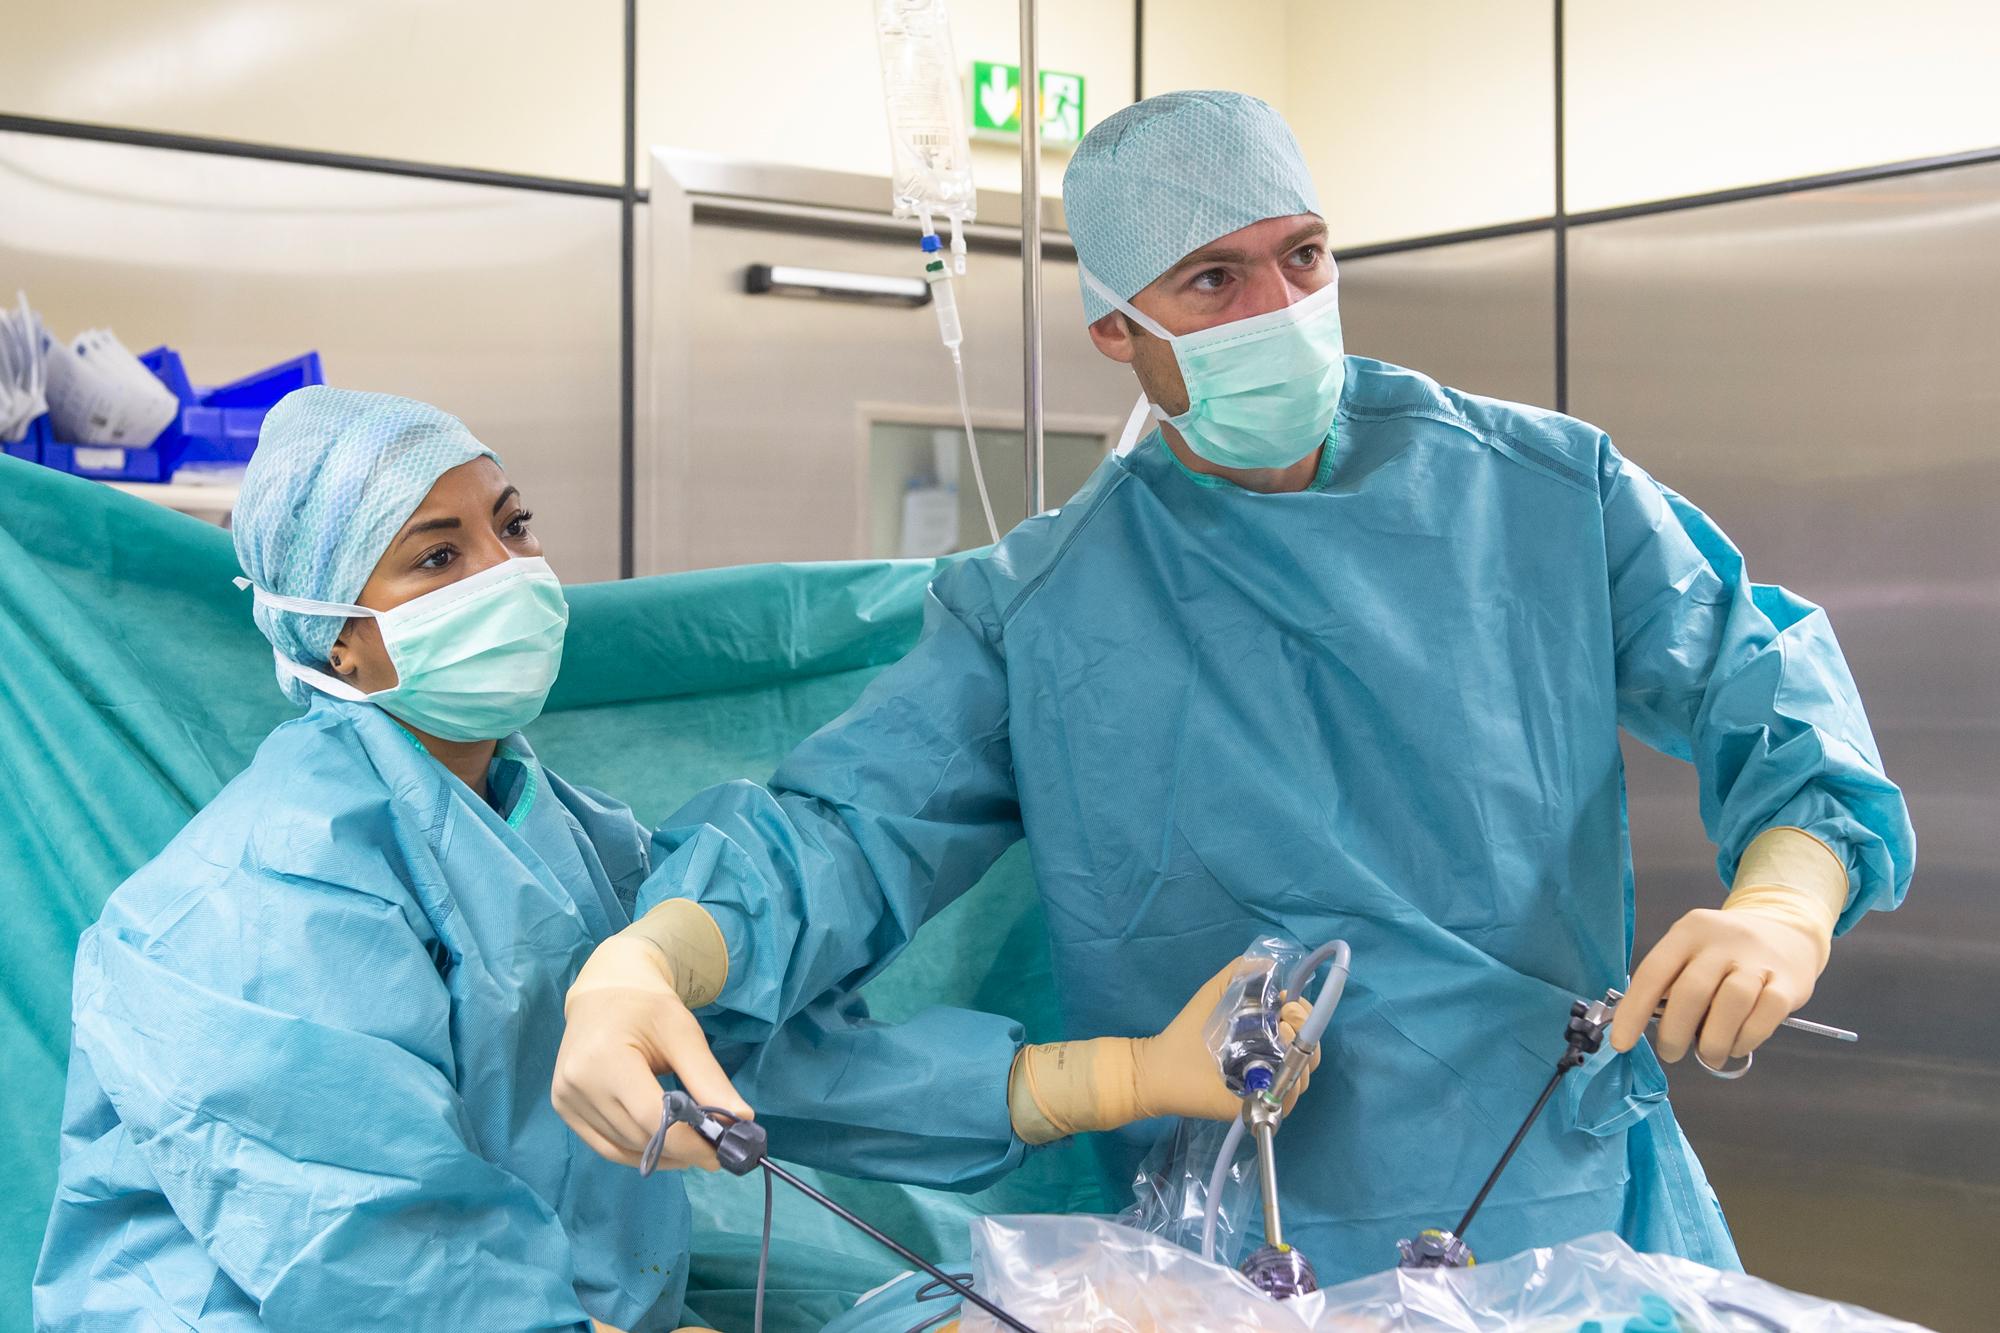 Surgicart Nice Chirurgie générale, Chirurgie cancérologique, Chirurgie de l'obésité